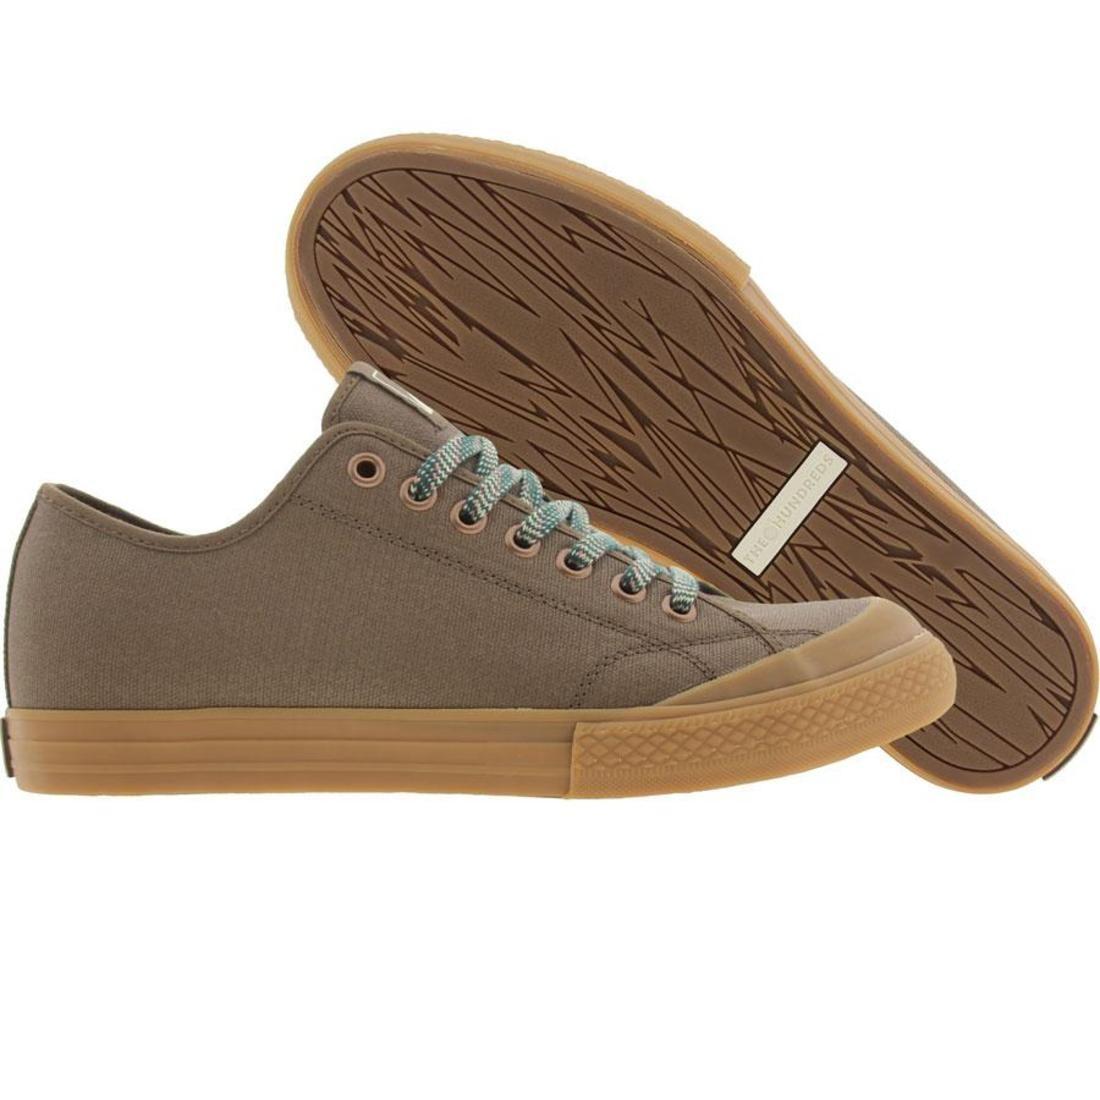 【海外限定】スニーカー 靴 【 THE HUNDREDS VALENZUELA LOW UTILITY PACK DARK BROWN 】